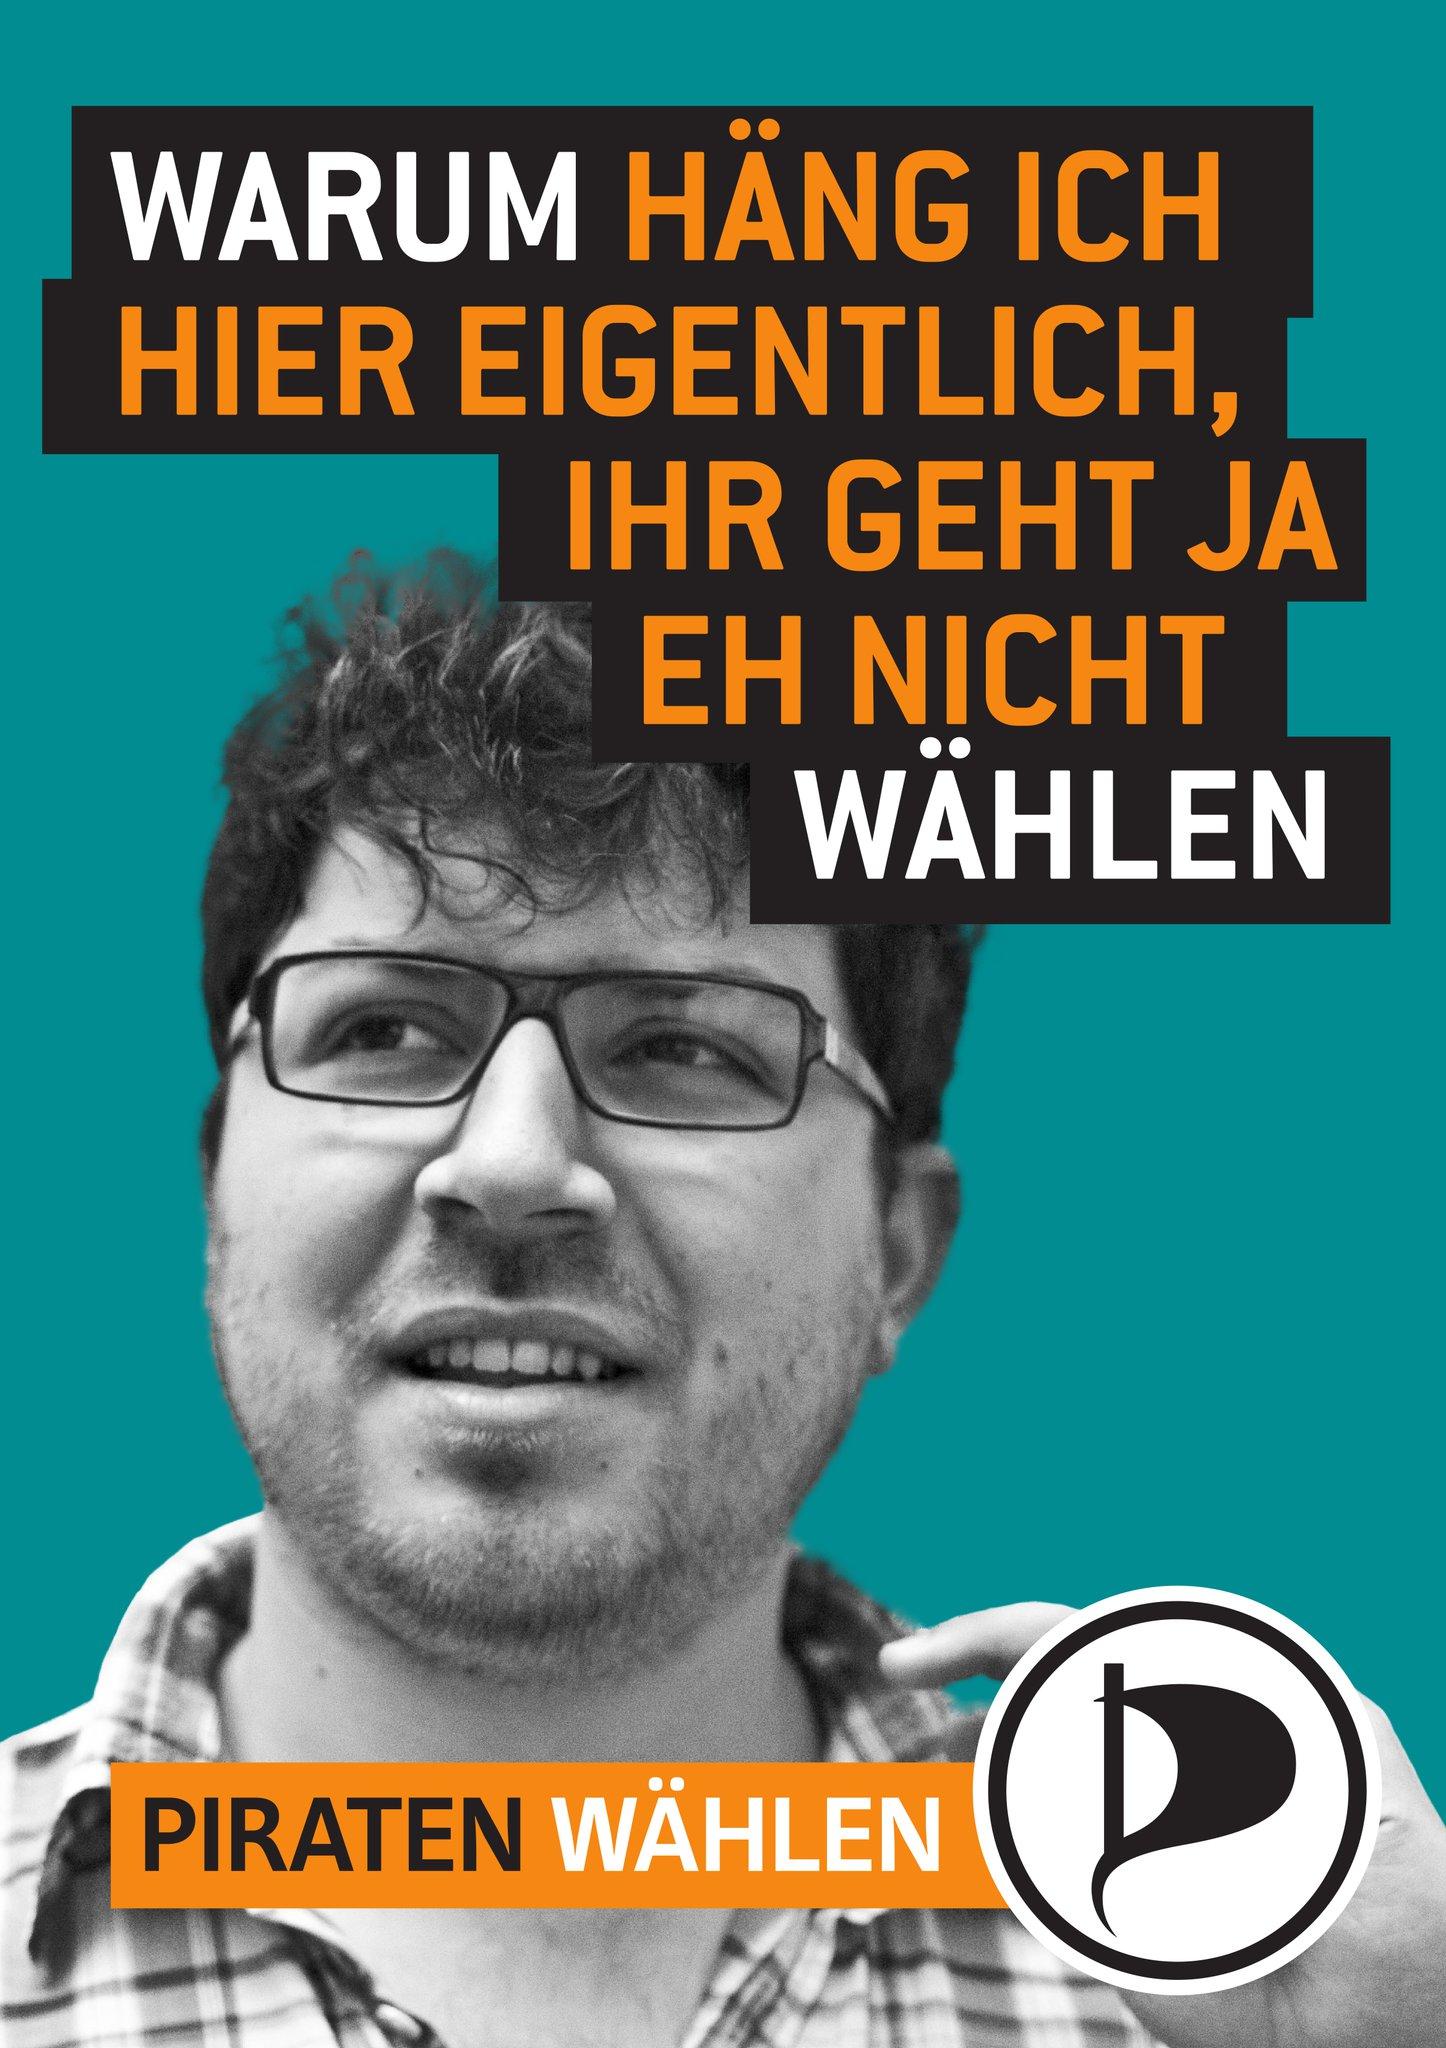 berlinplakat.09.jpg